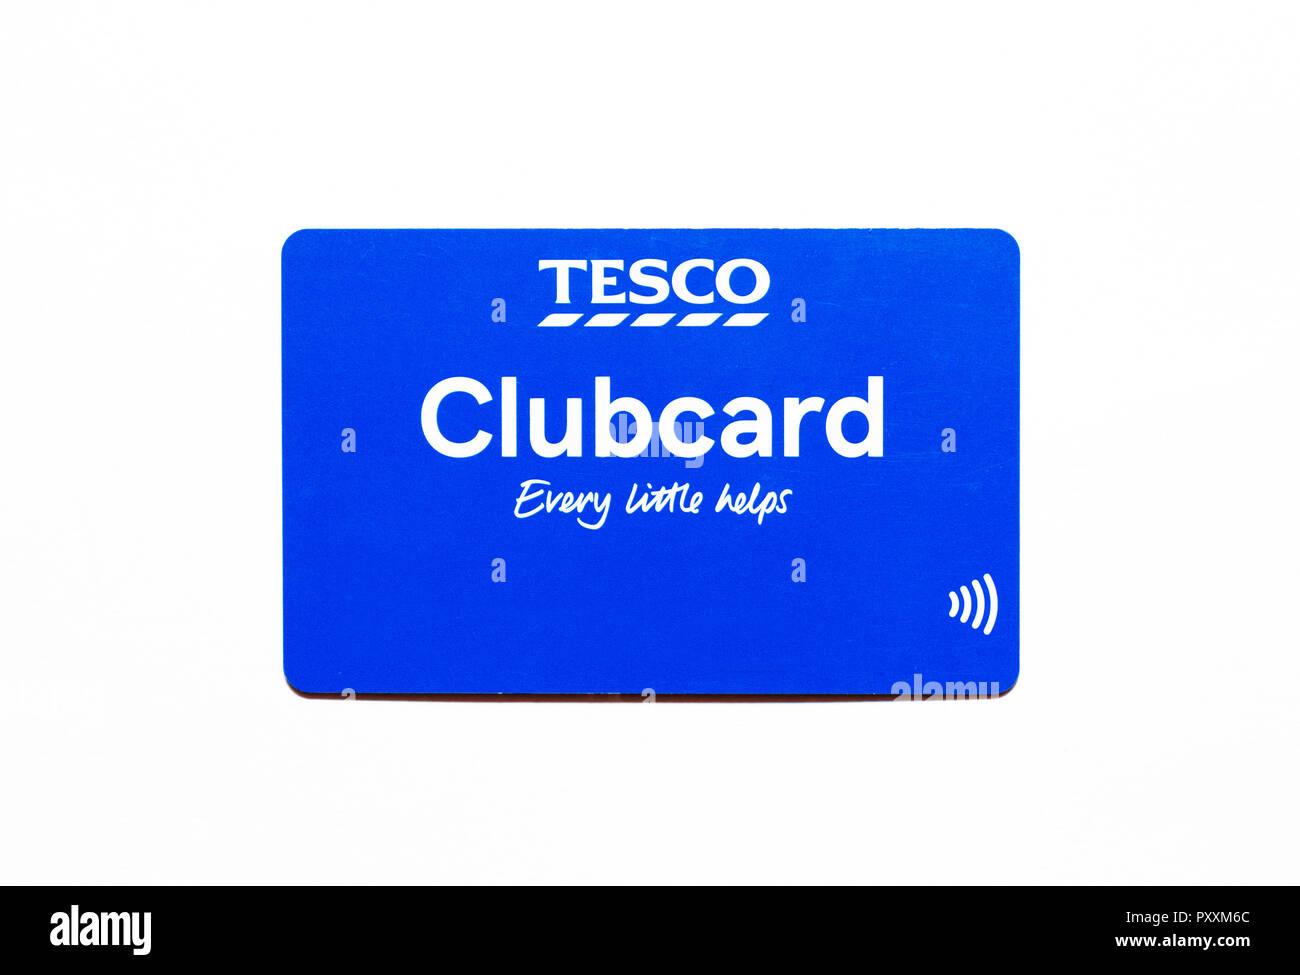 Tesco clubcard Karte Stockbild